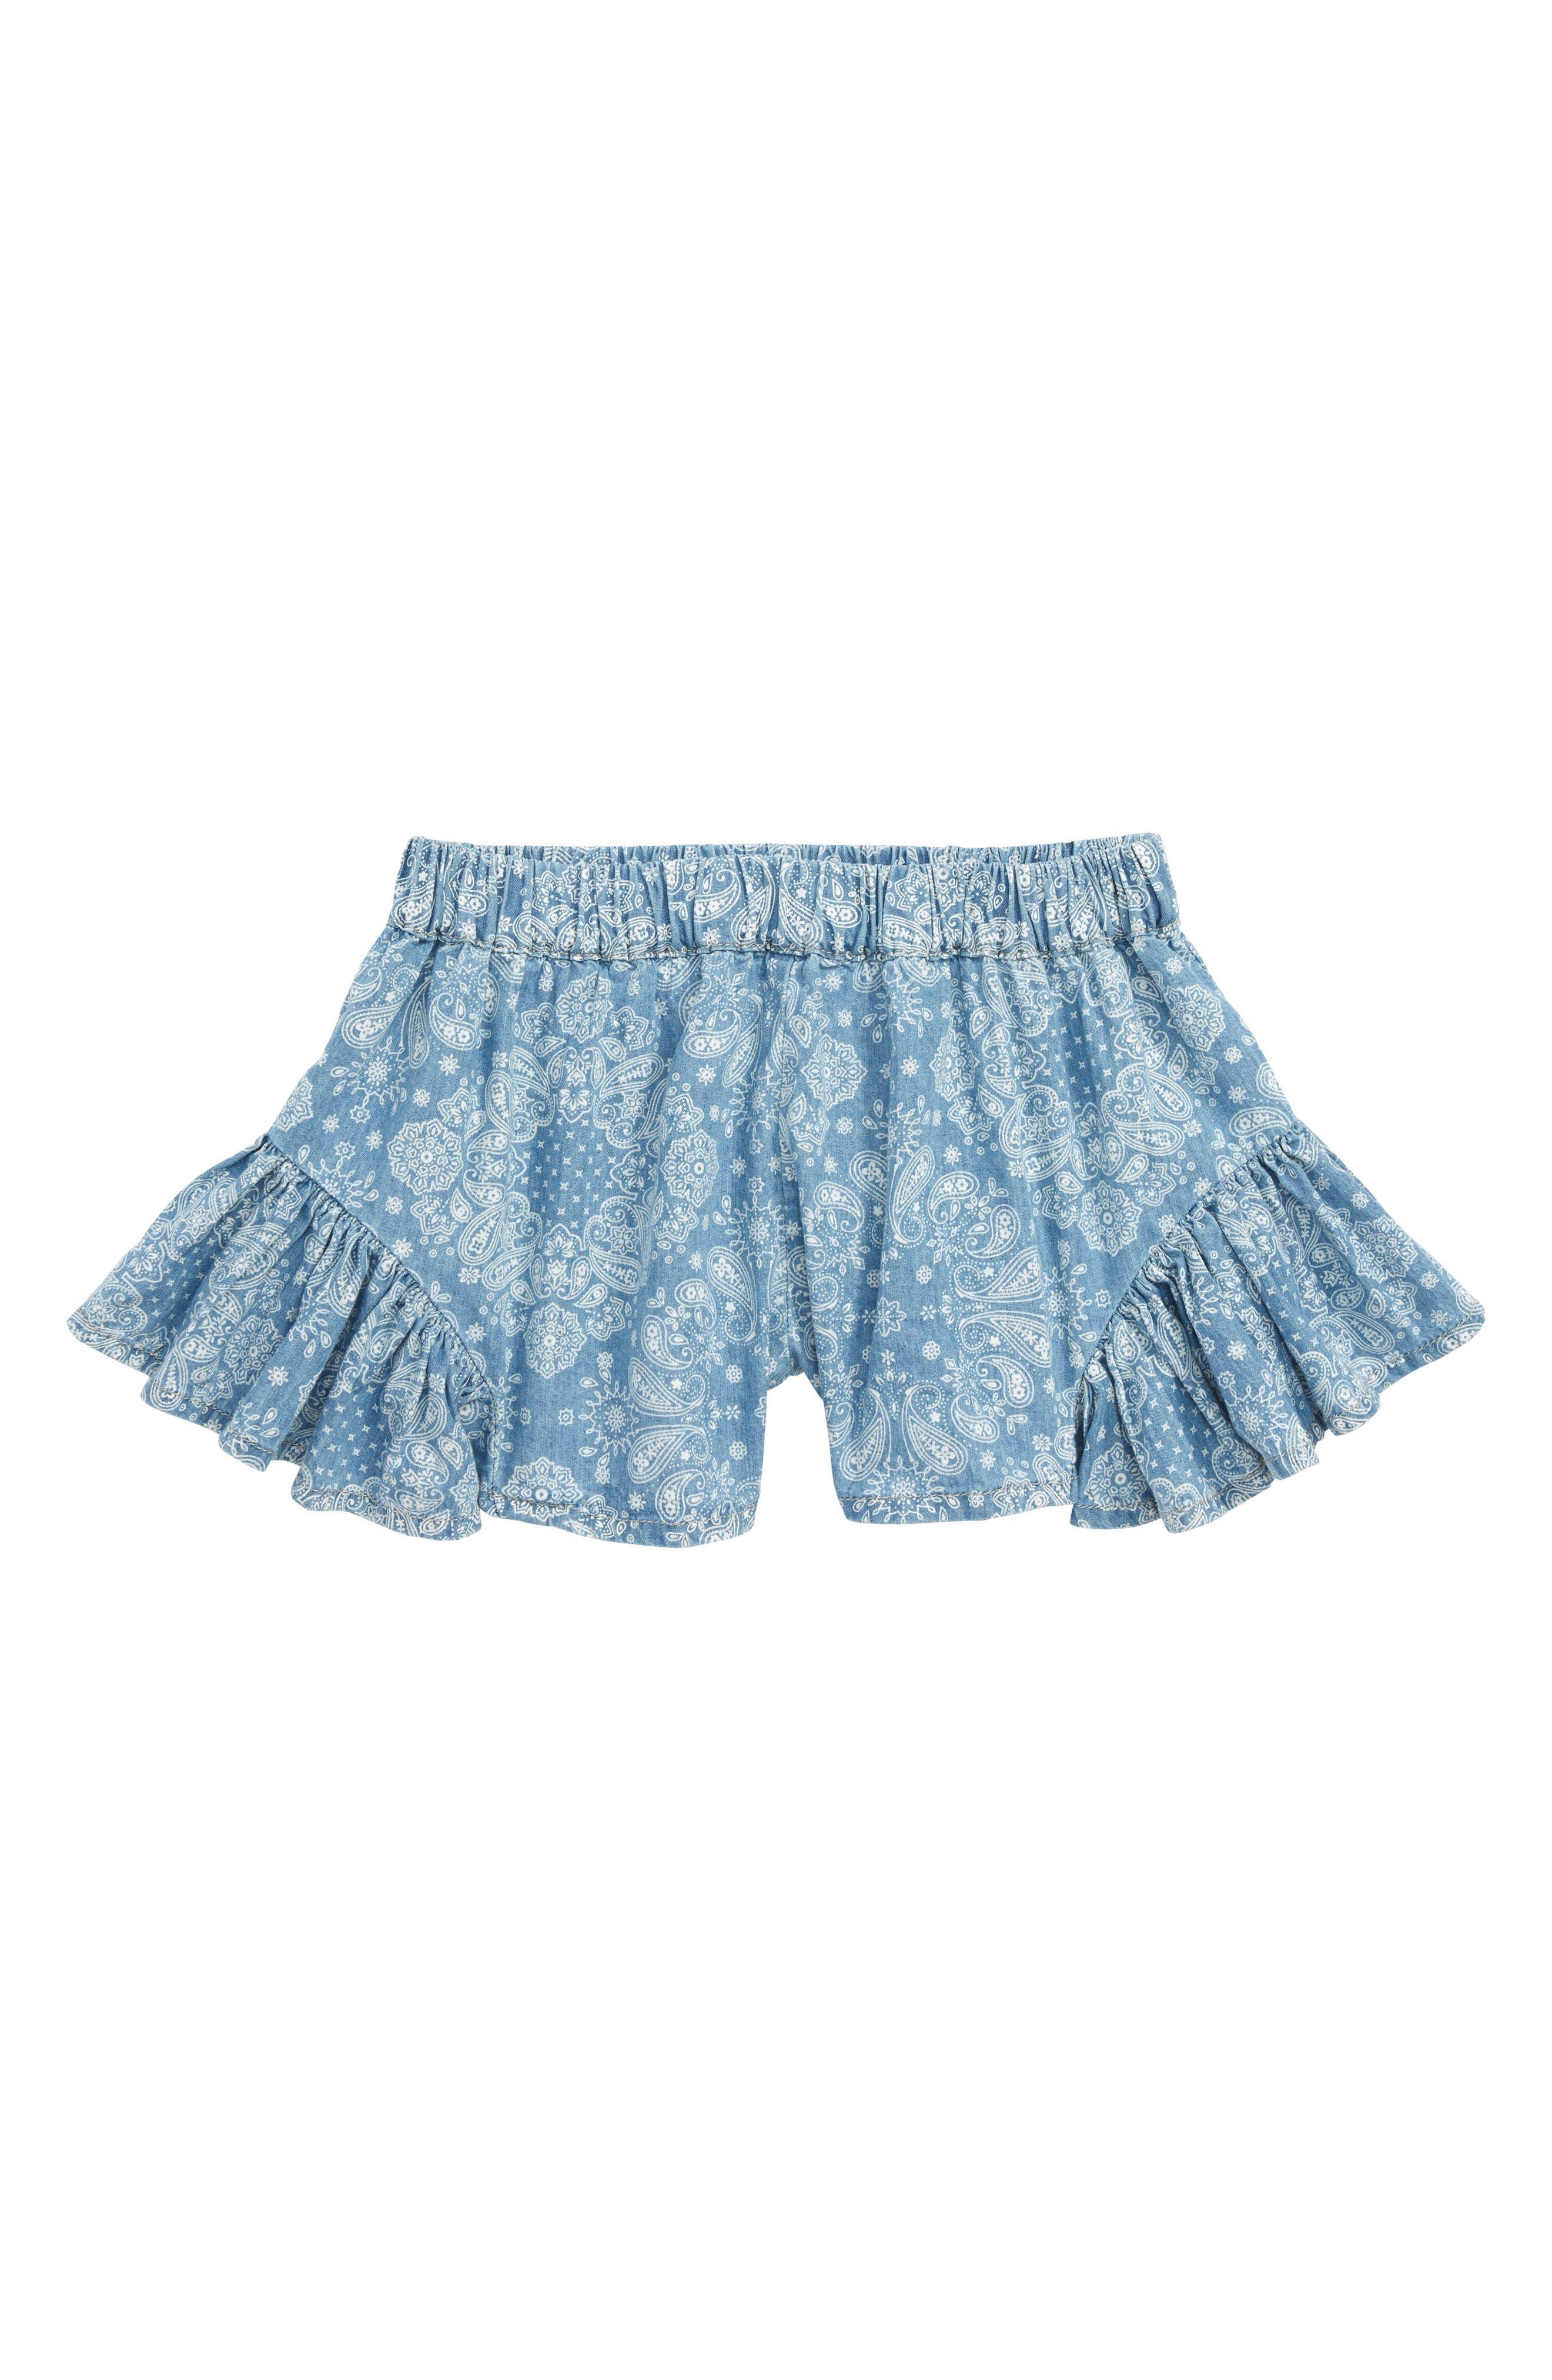 Bandana Print Ruffle Shorts,                             Main thumbnail 1, color,                             Chambray